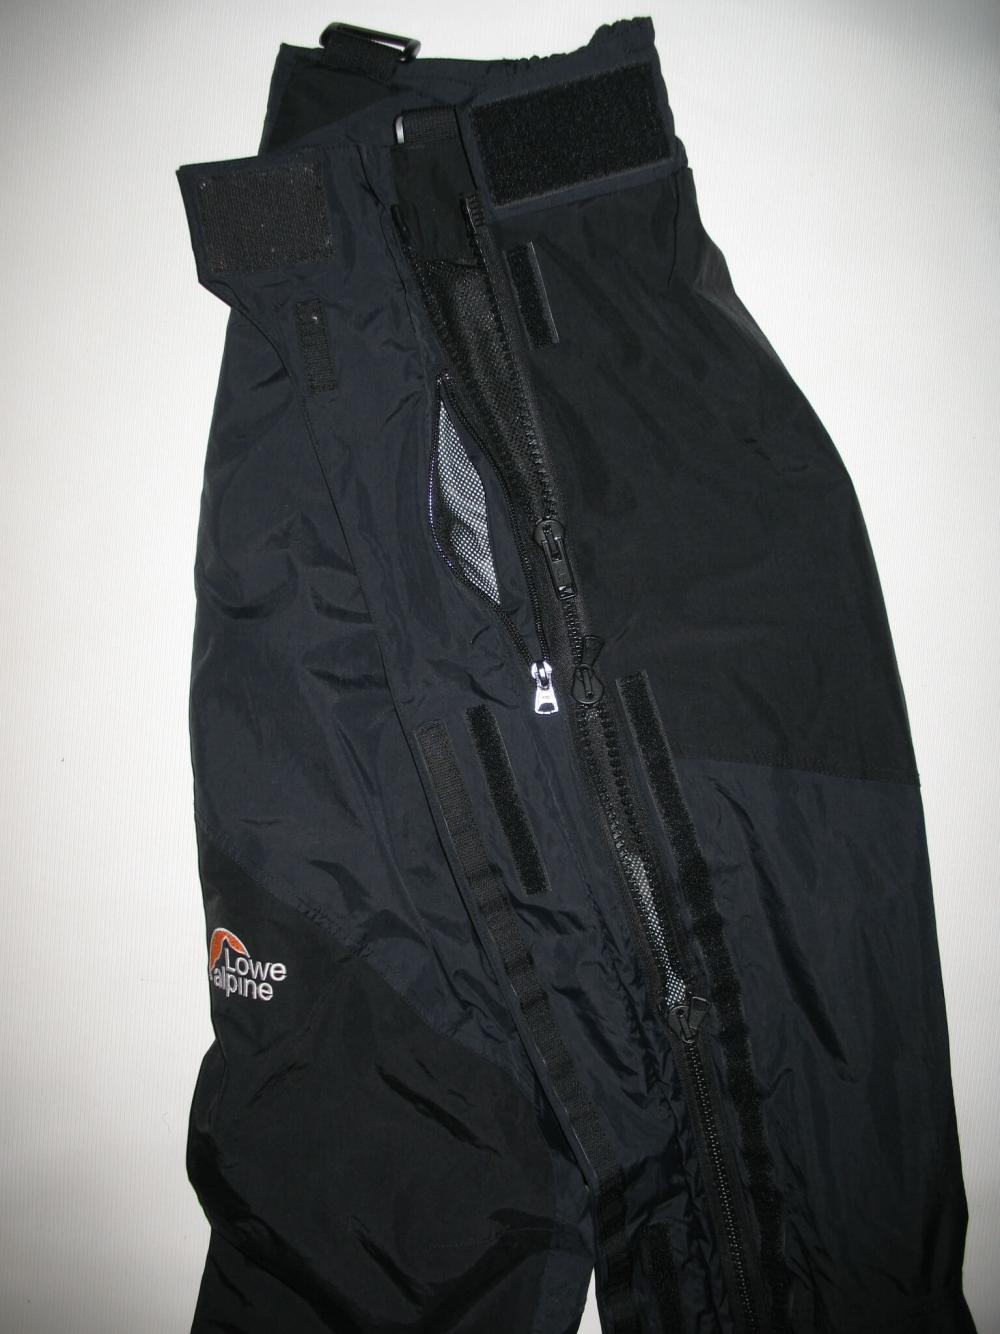 Штаны LOWE ALPINE pants lady/unisex (размер S) - 3